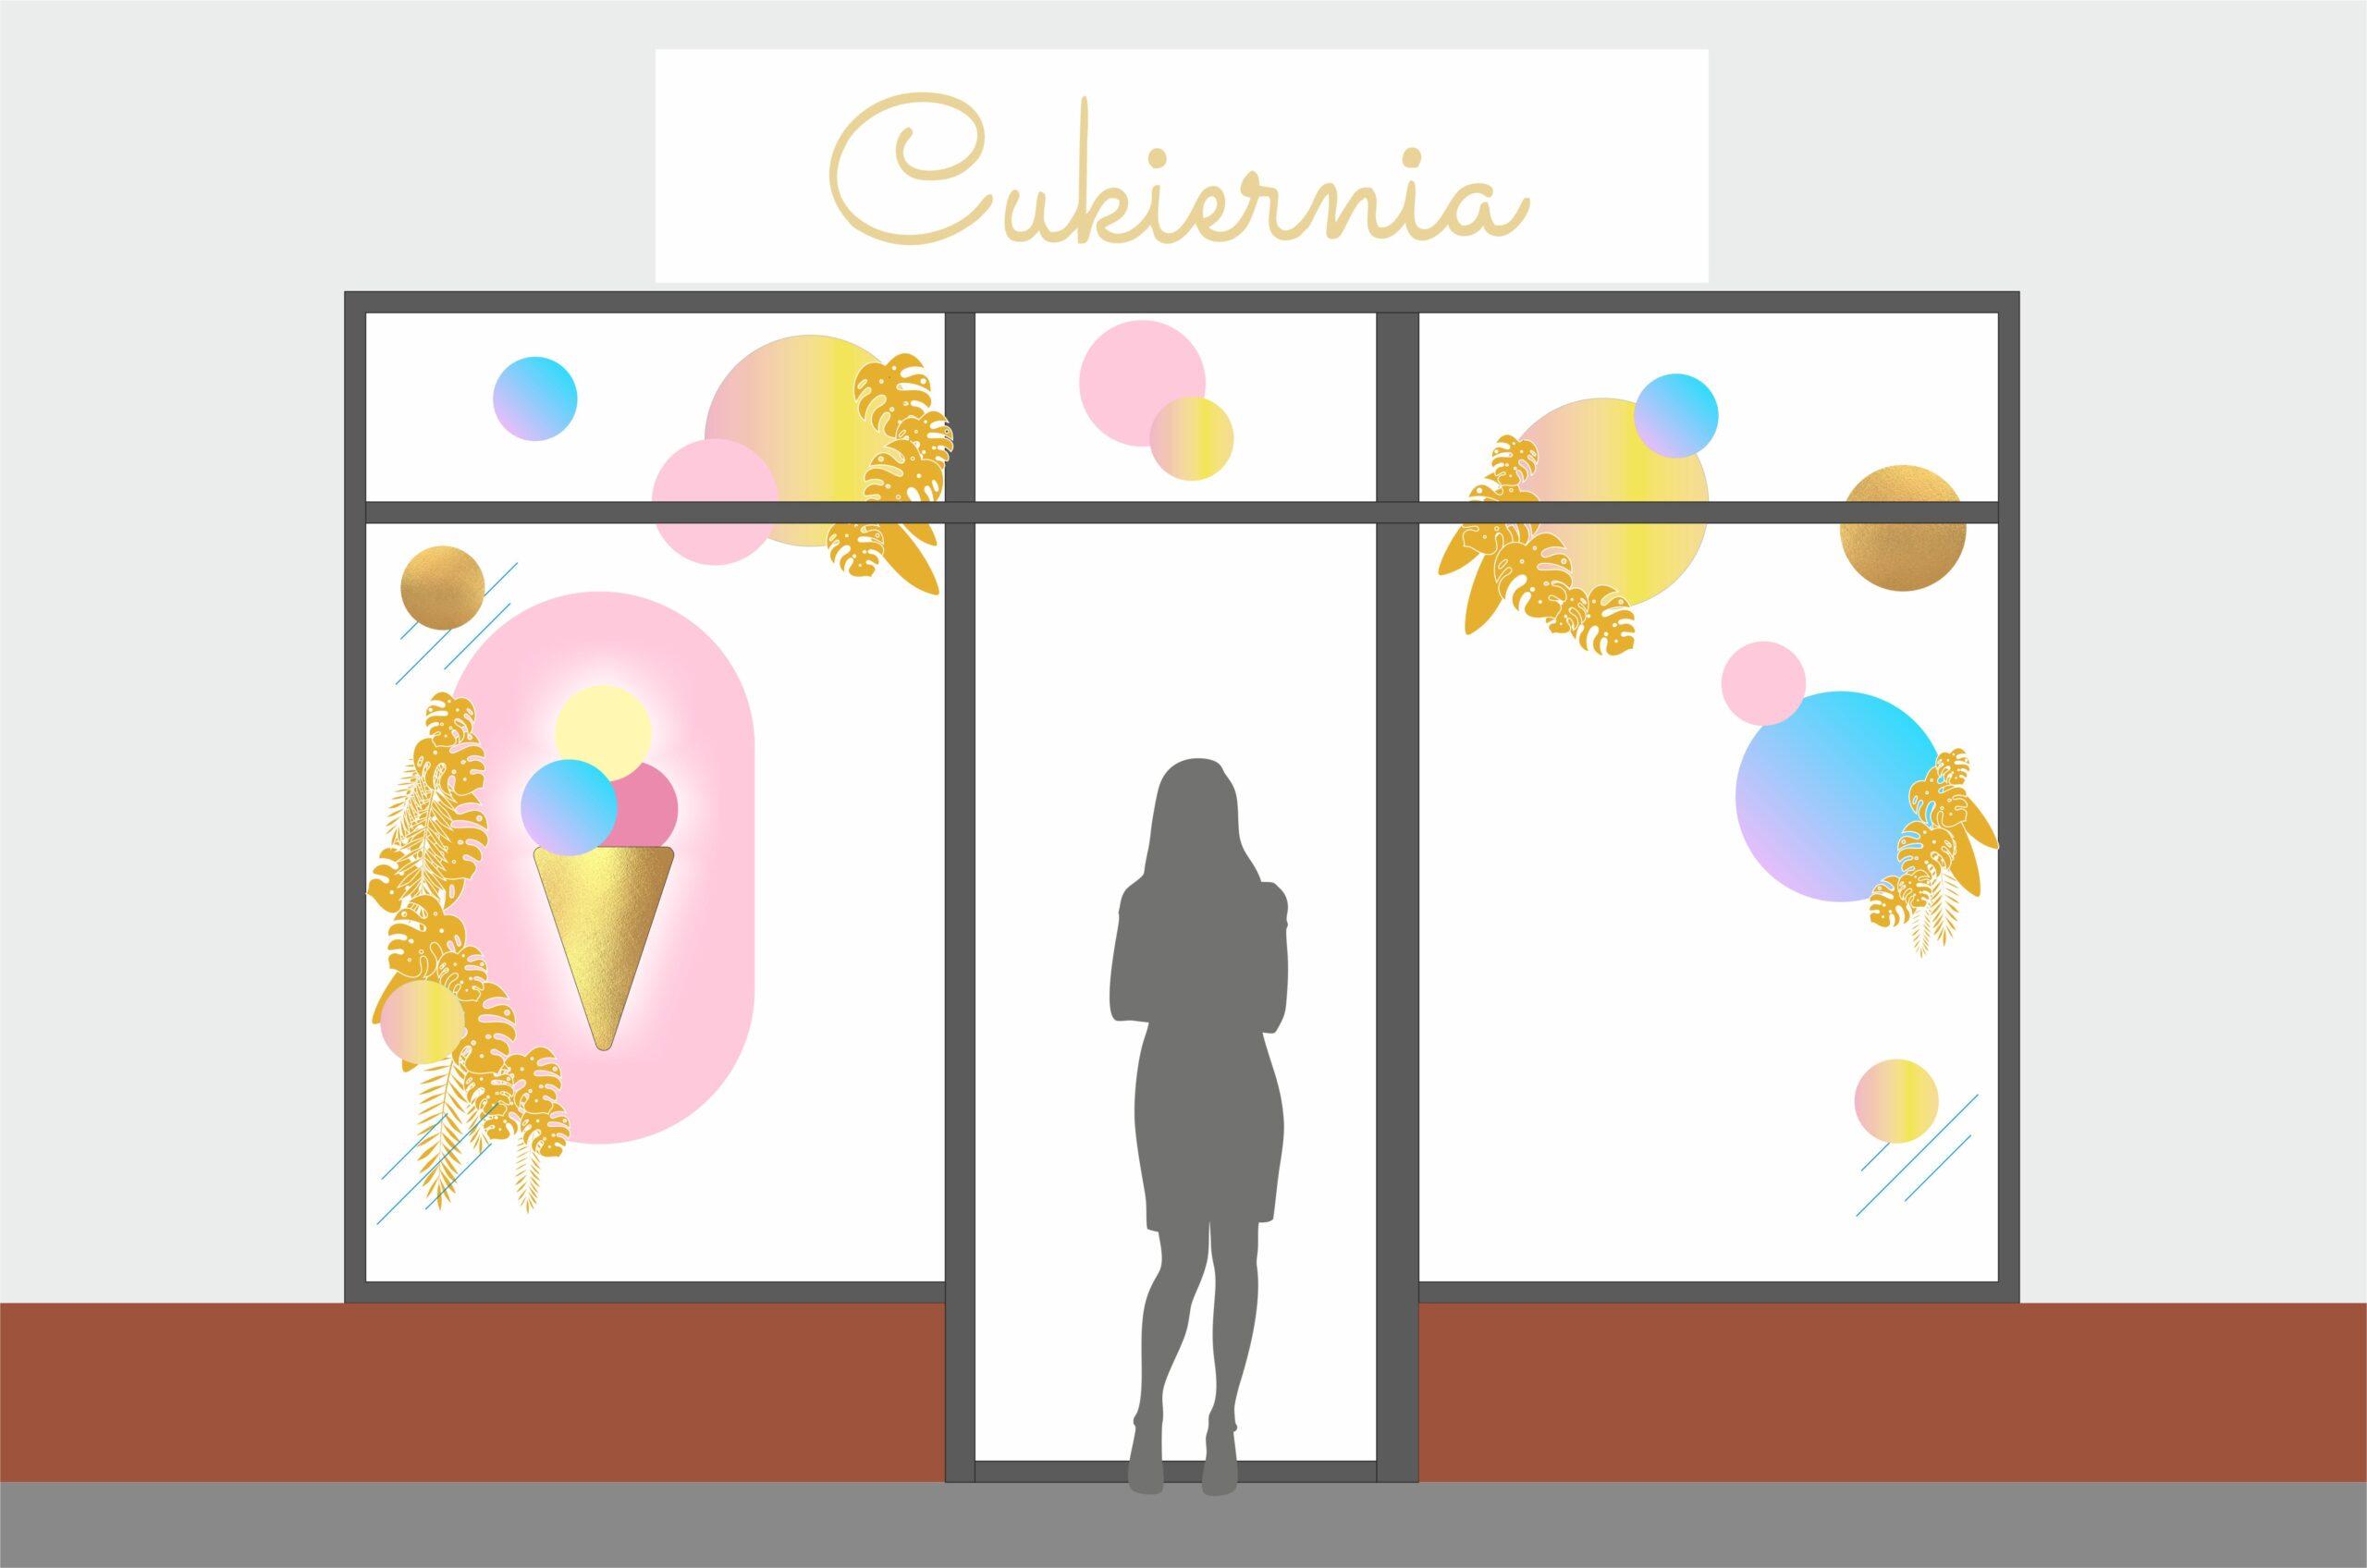 projekt witryny wystawy sklepowej